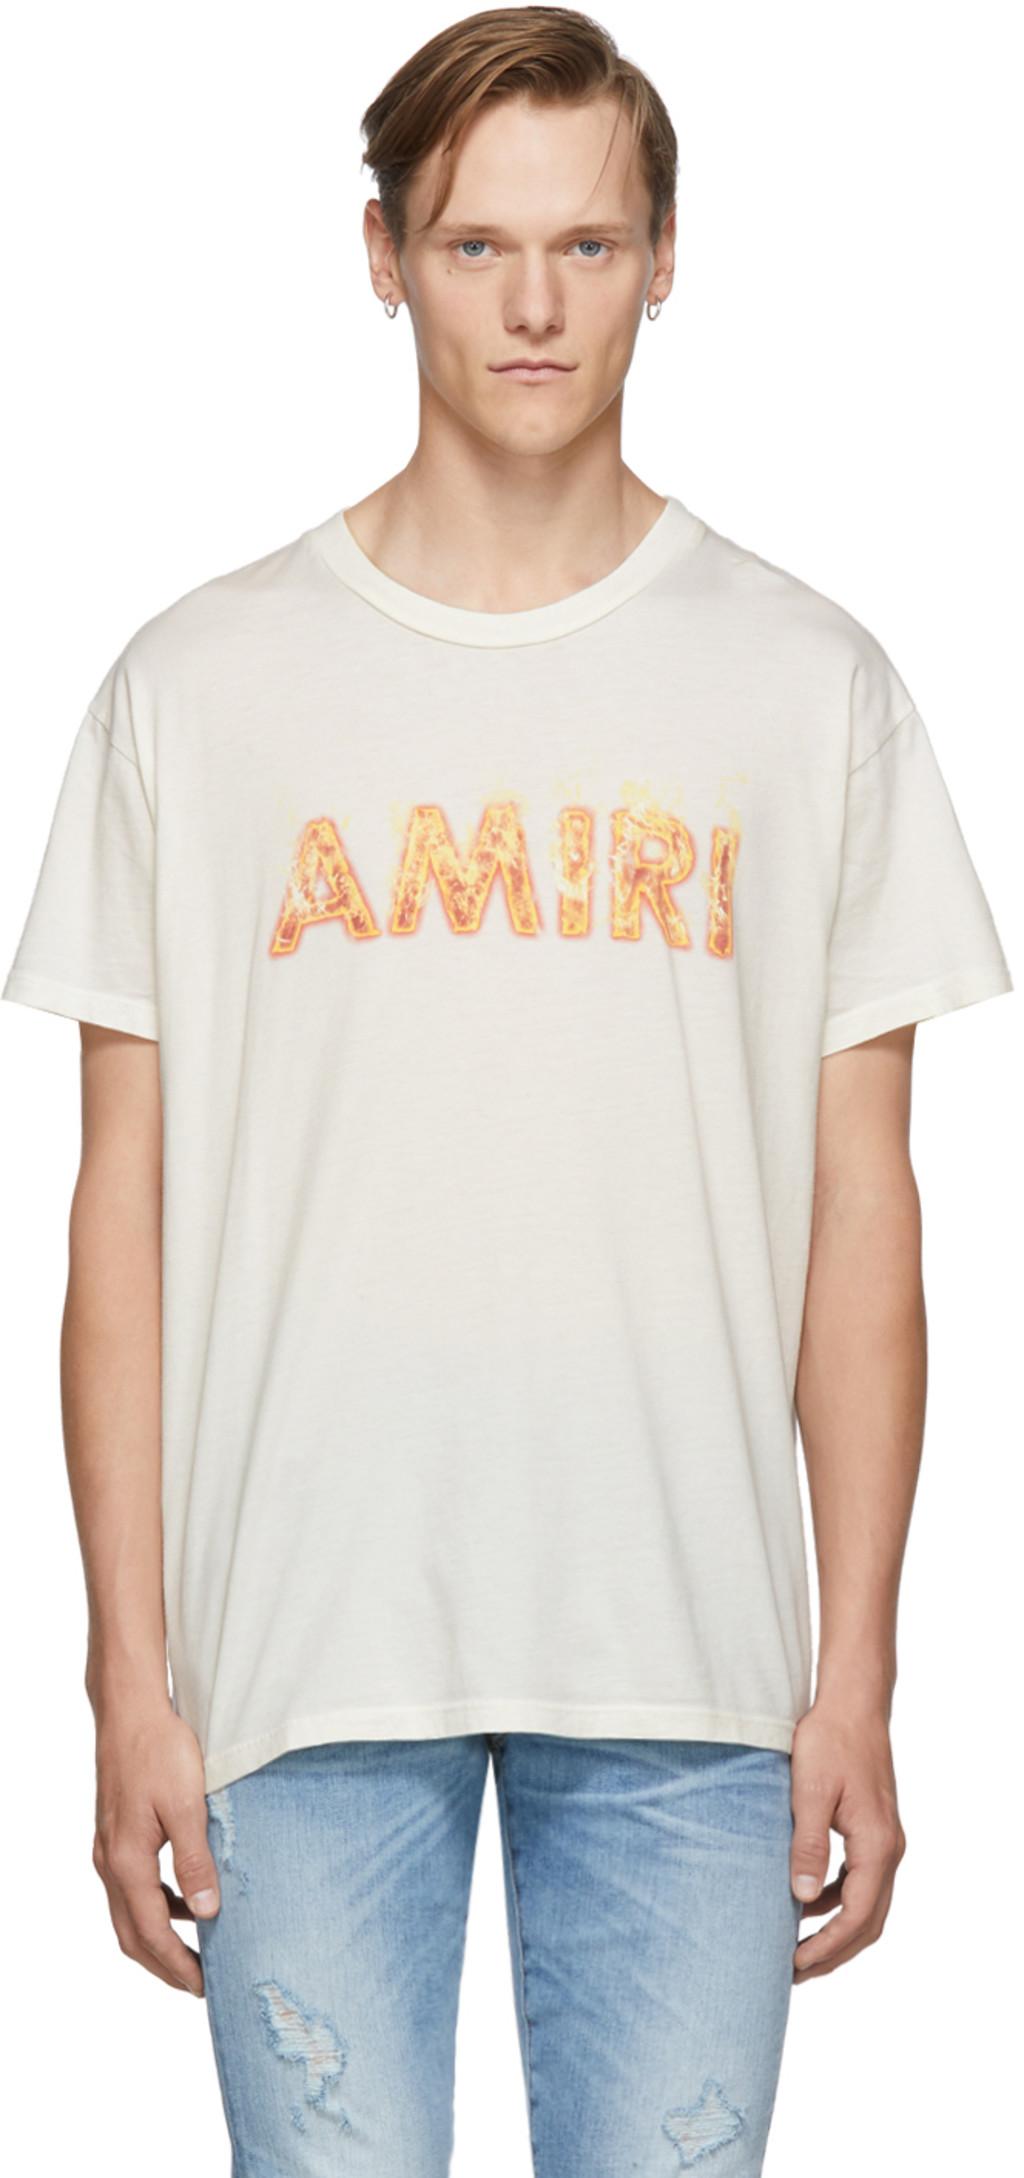 a046c04ece Amiri for Men FW19 Collection | SSENSE